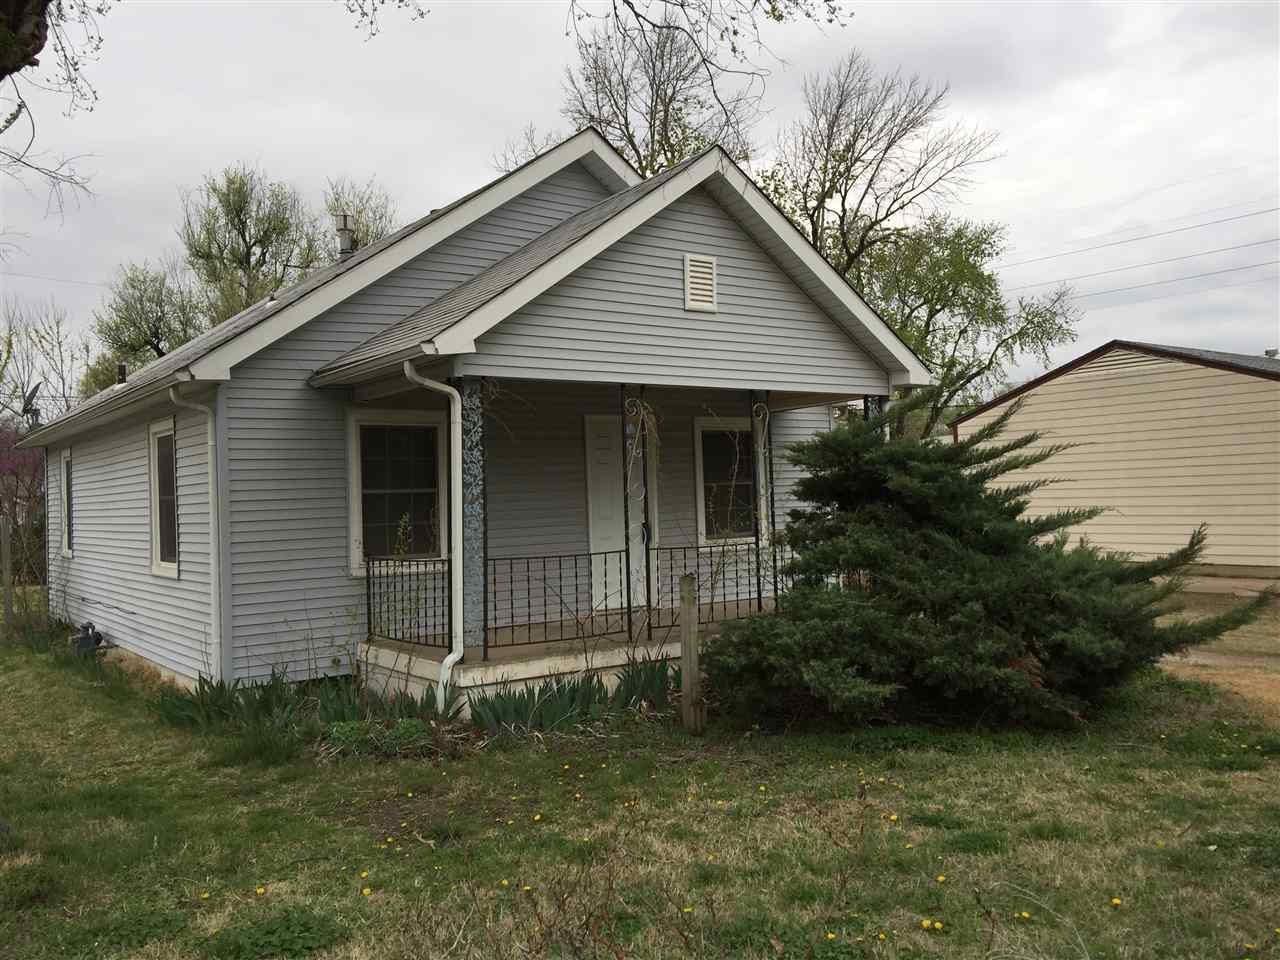 437 N Gow, Wichita, KS 67203